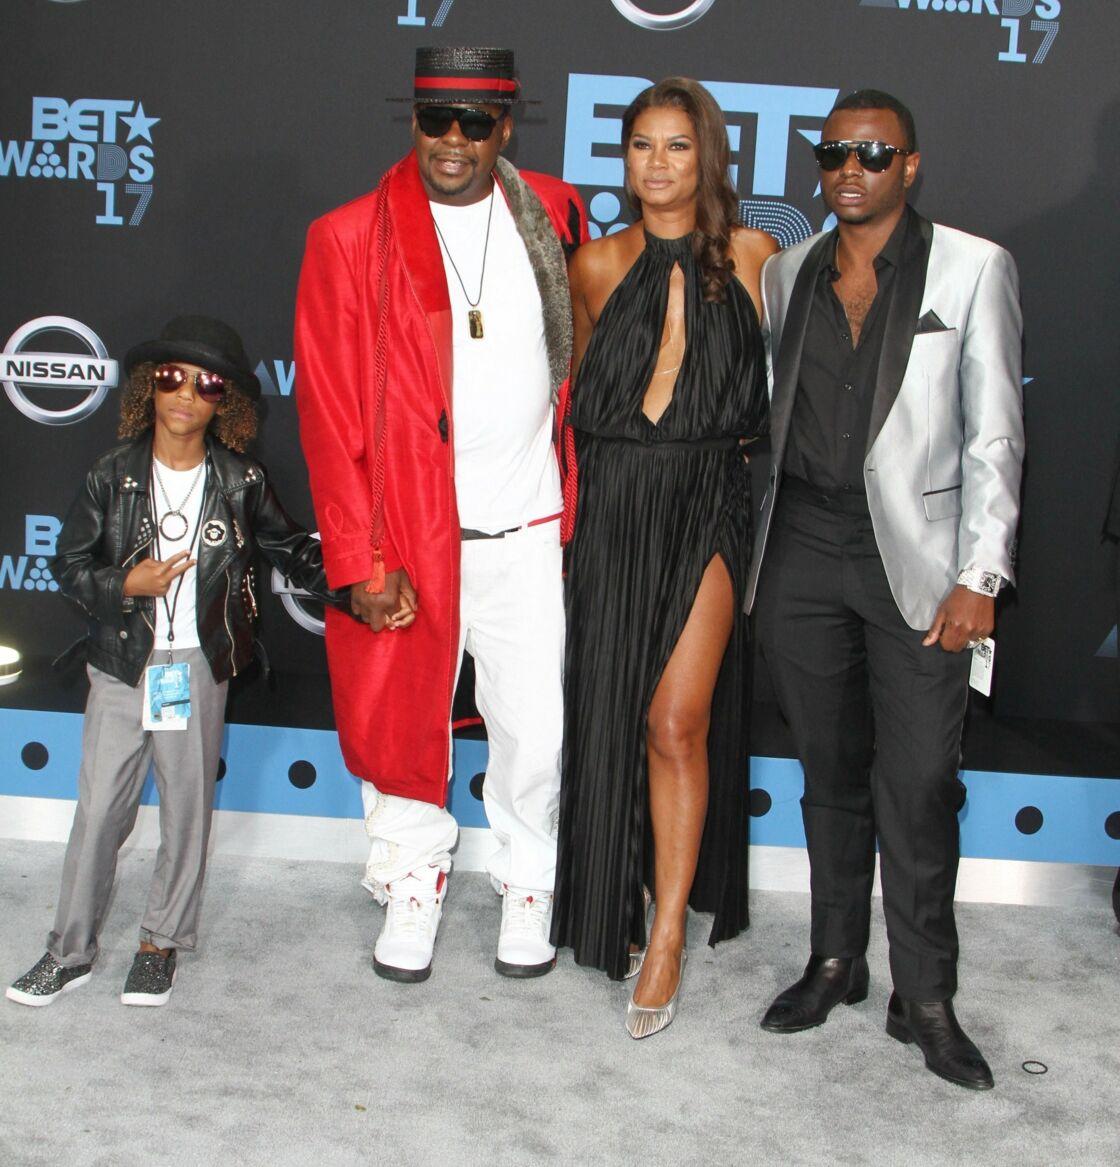 Bobby Brown et sa femme Alicia Etheredge, entouré de ses fils Cassius Brown et Bobby Jr. (à droite) lors d'une soirée à Los Angeles, en juin 2017.